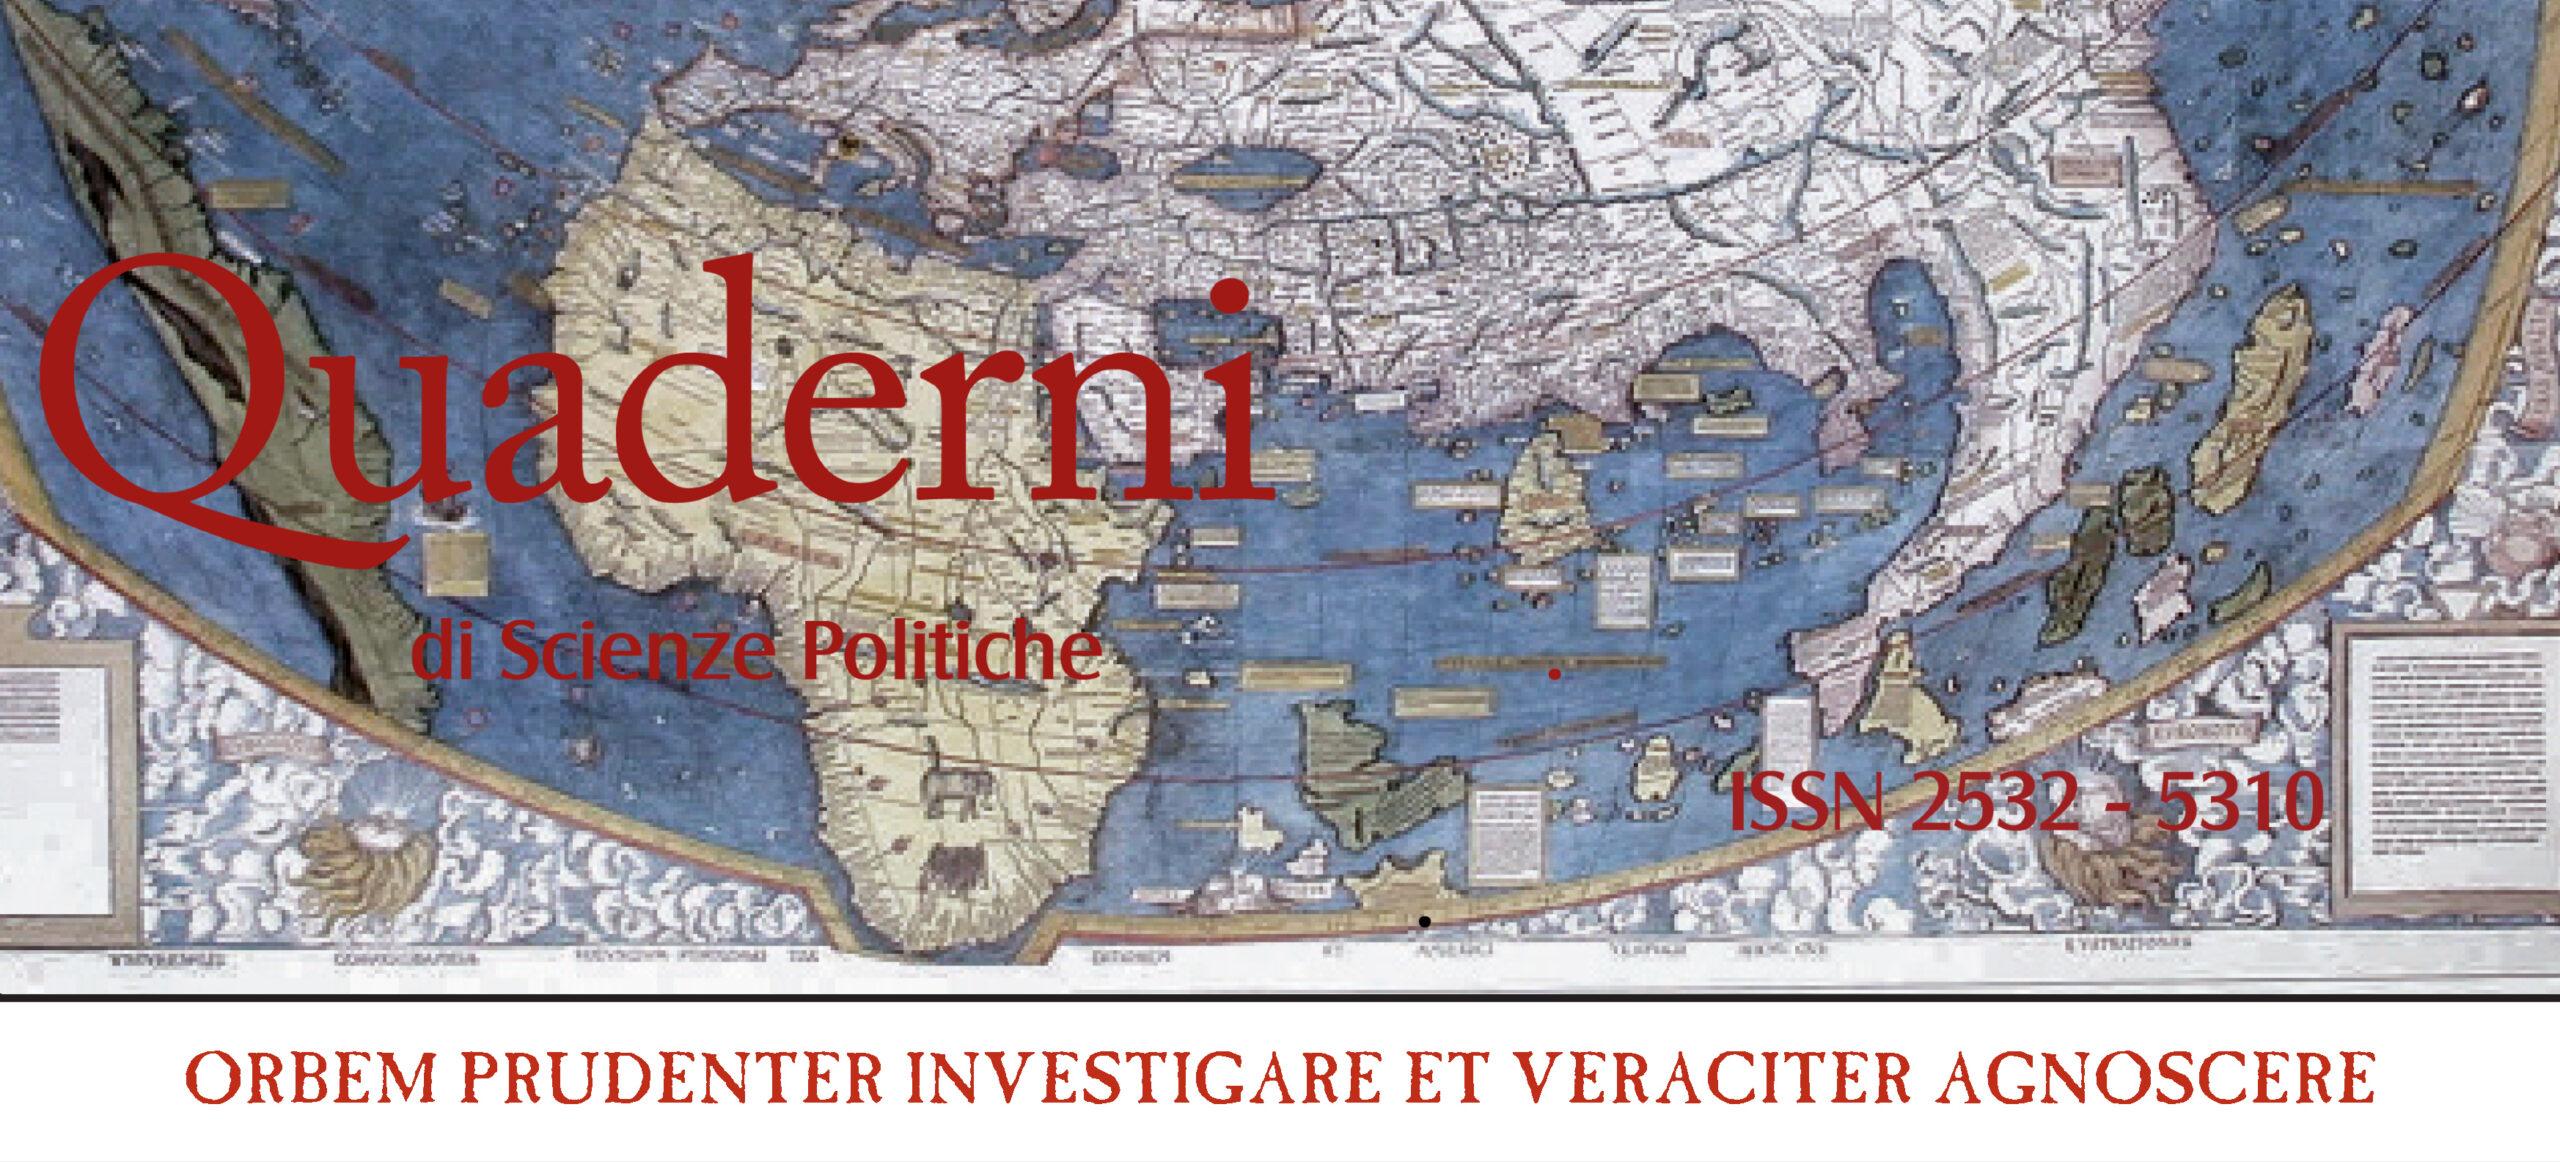 Quaderni di Scienze Politiche